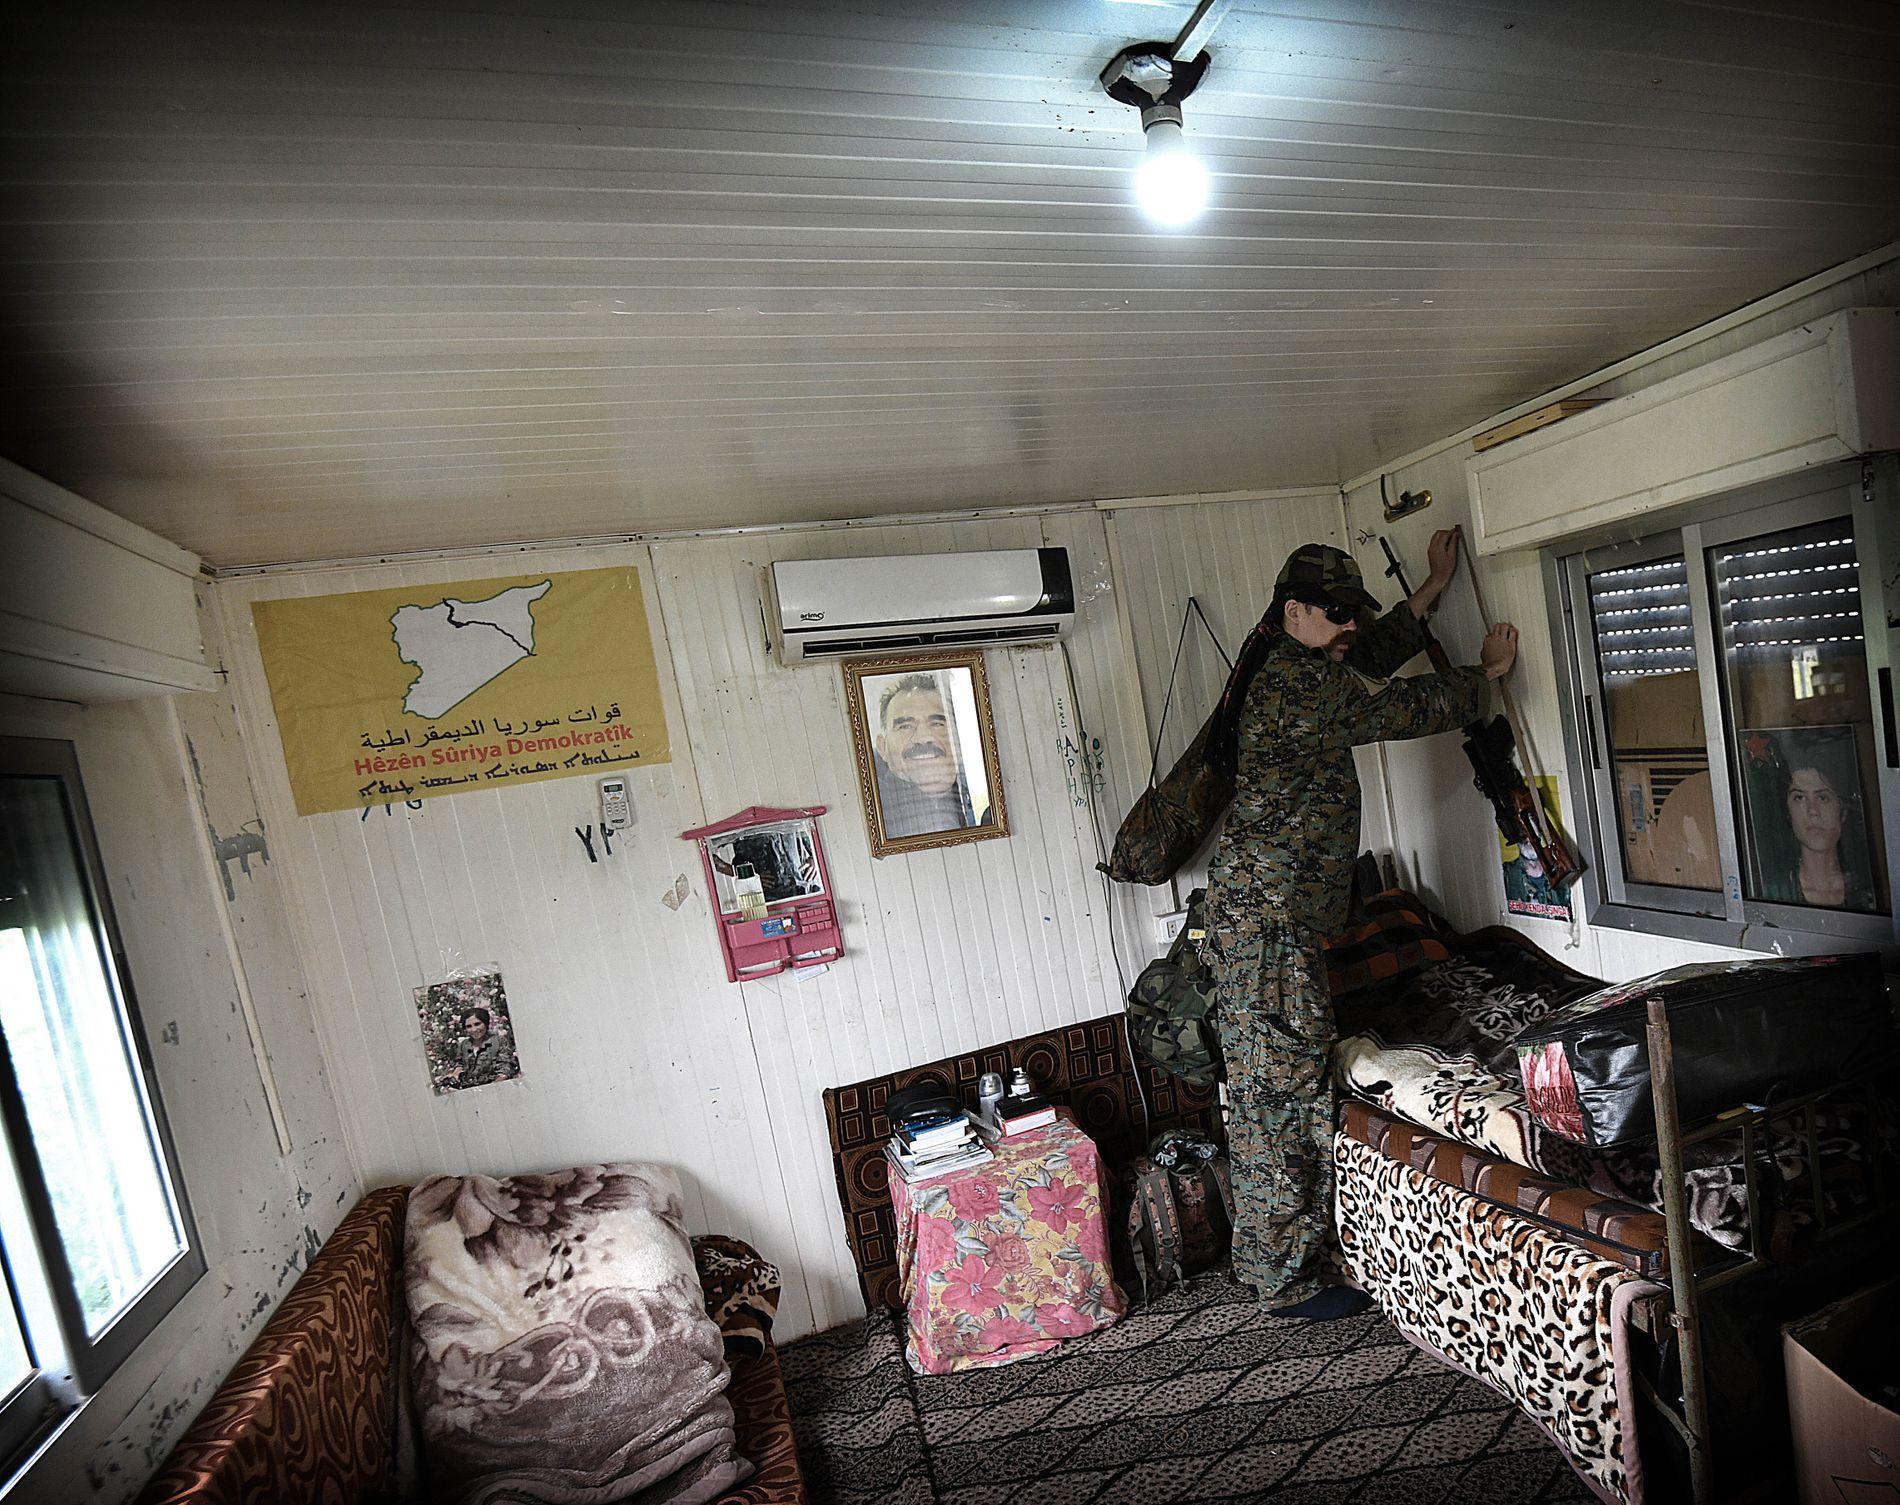 SOVEROM: På rommet til Gulbrandsen, bak våpenet han henger opp, er en plakat med bilde av vennen som ble drept i IS-angrepet i august.